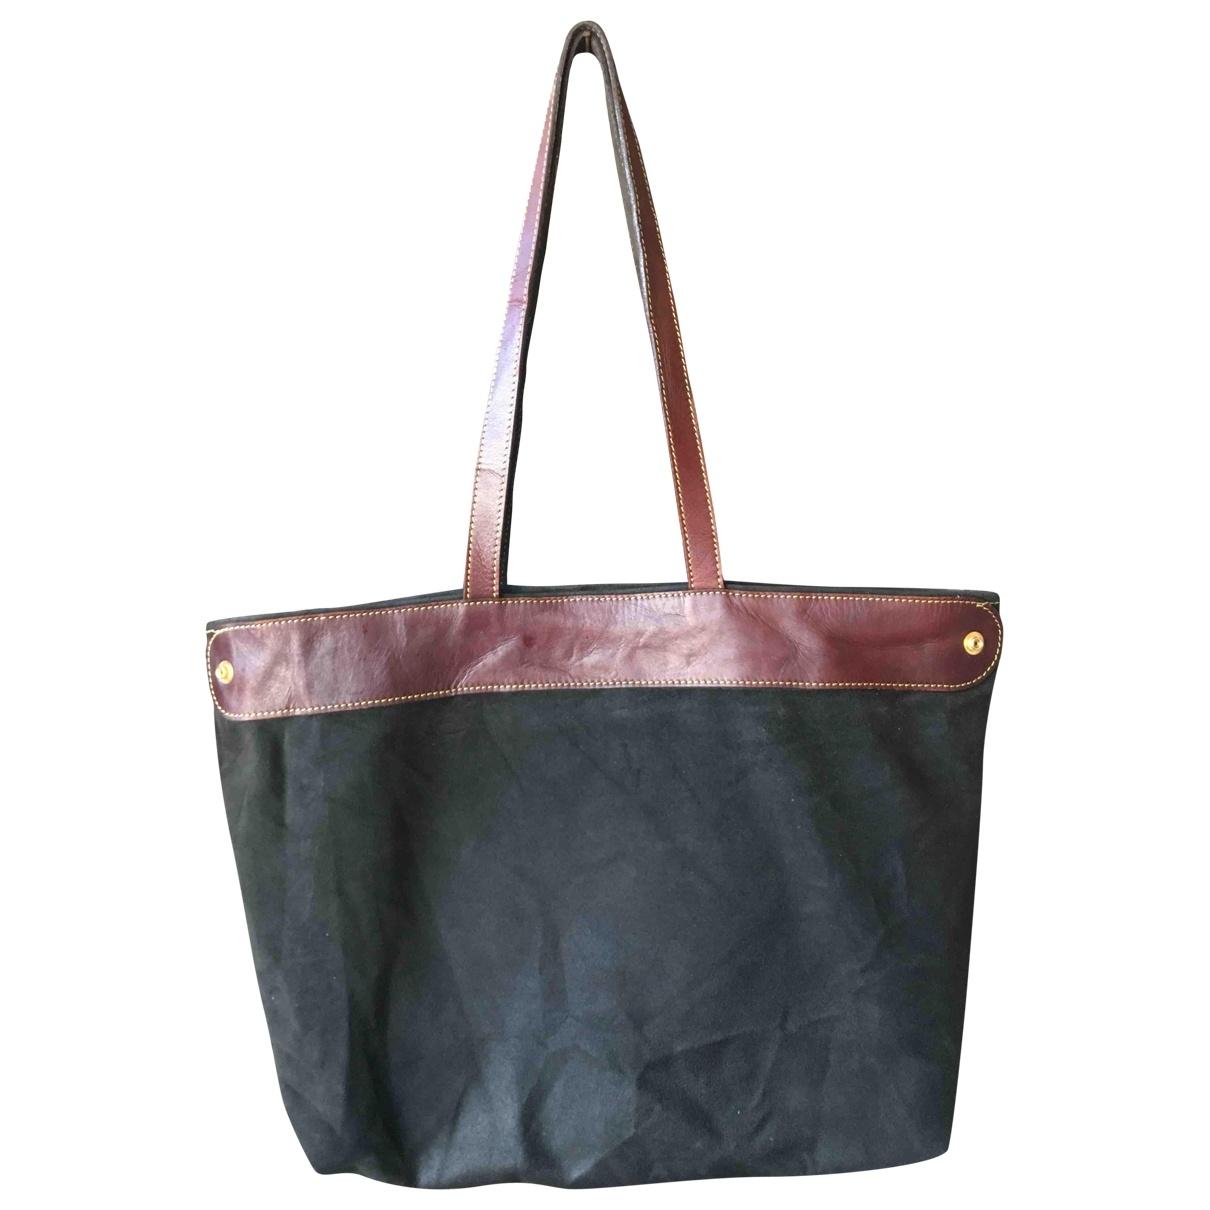 Loewe \N Green Suede handbag for Women \N